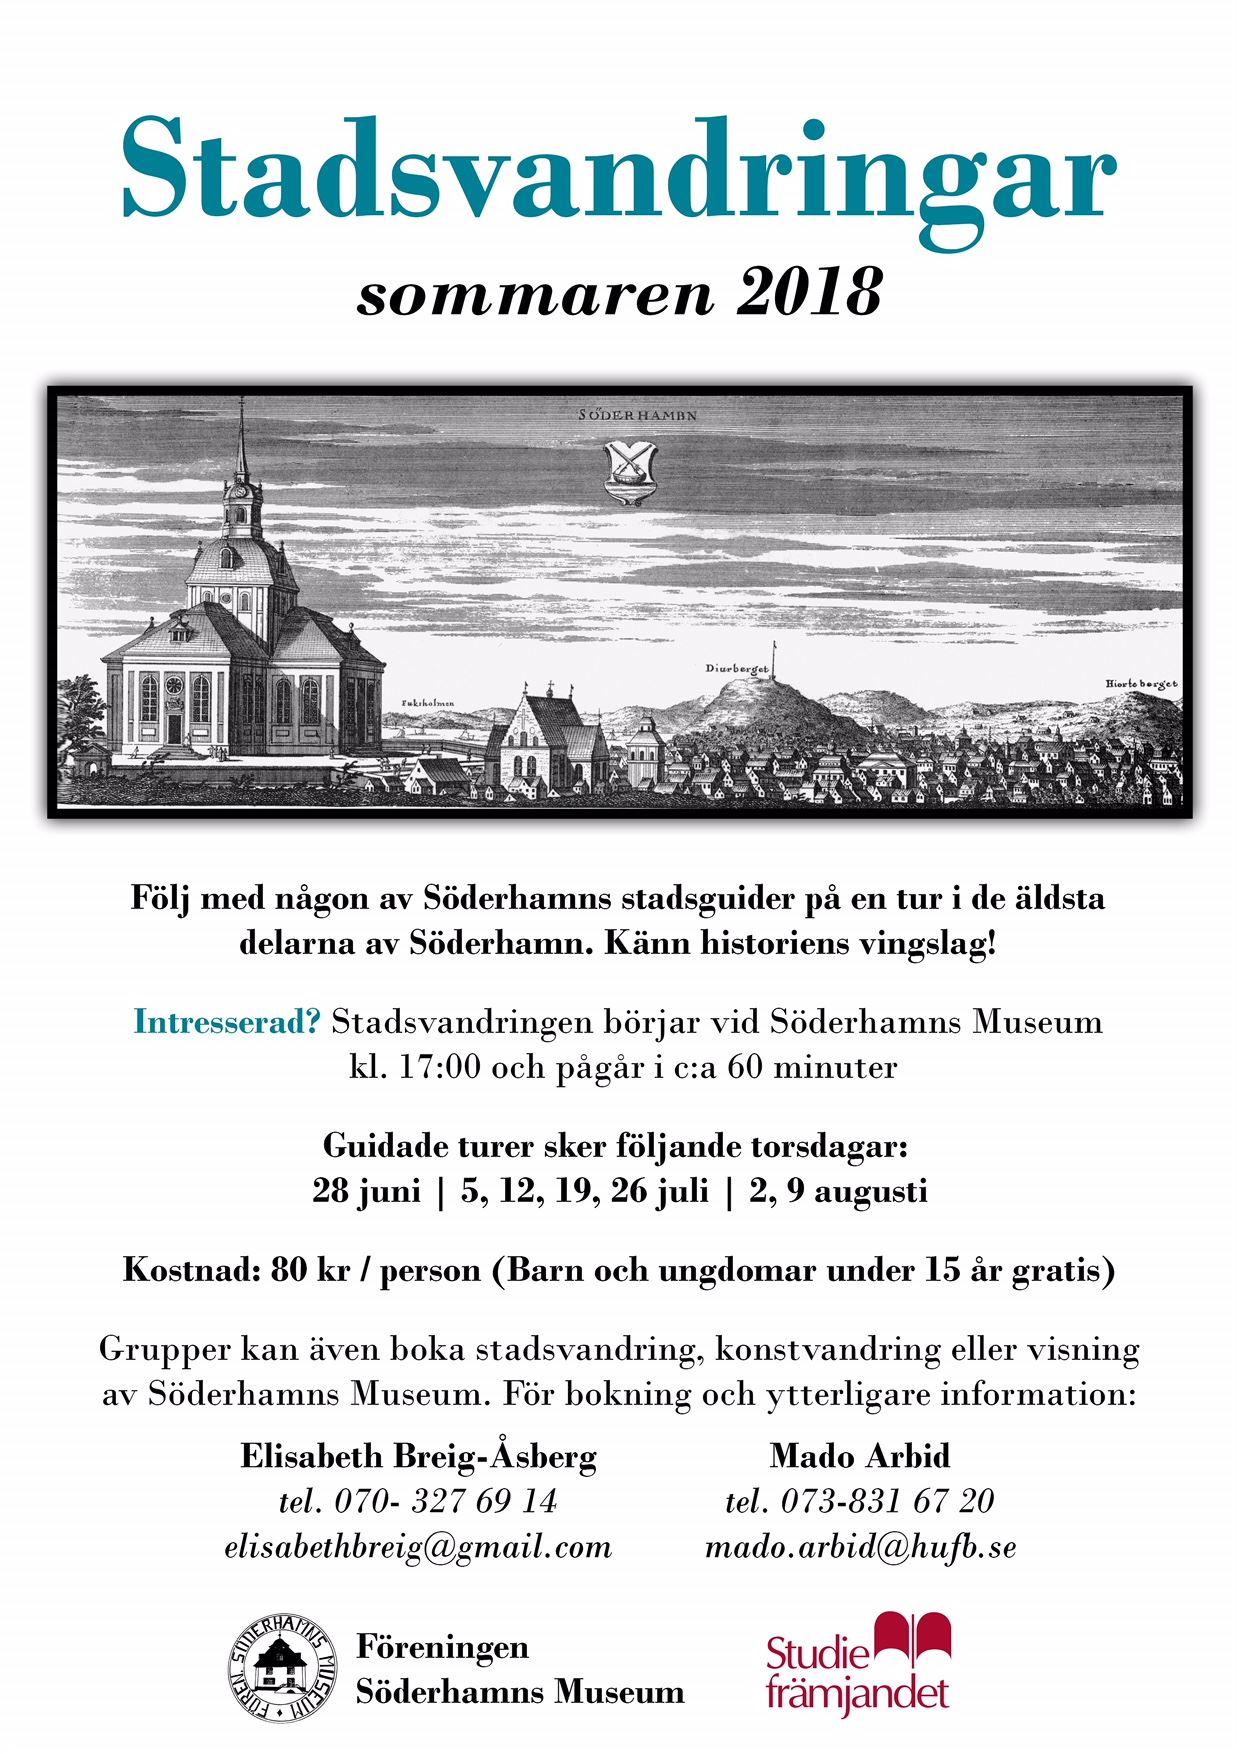 Stadsvandringar i Söderhamn